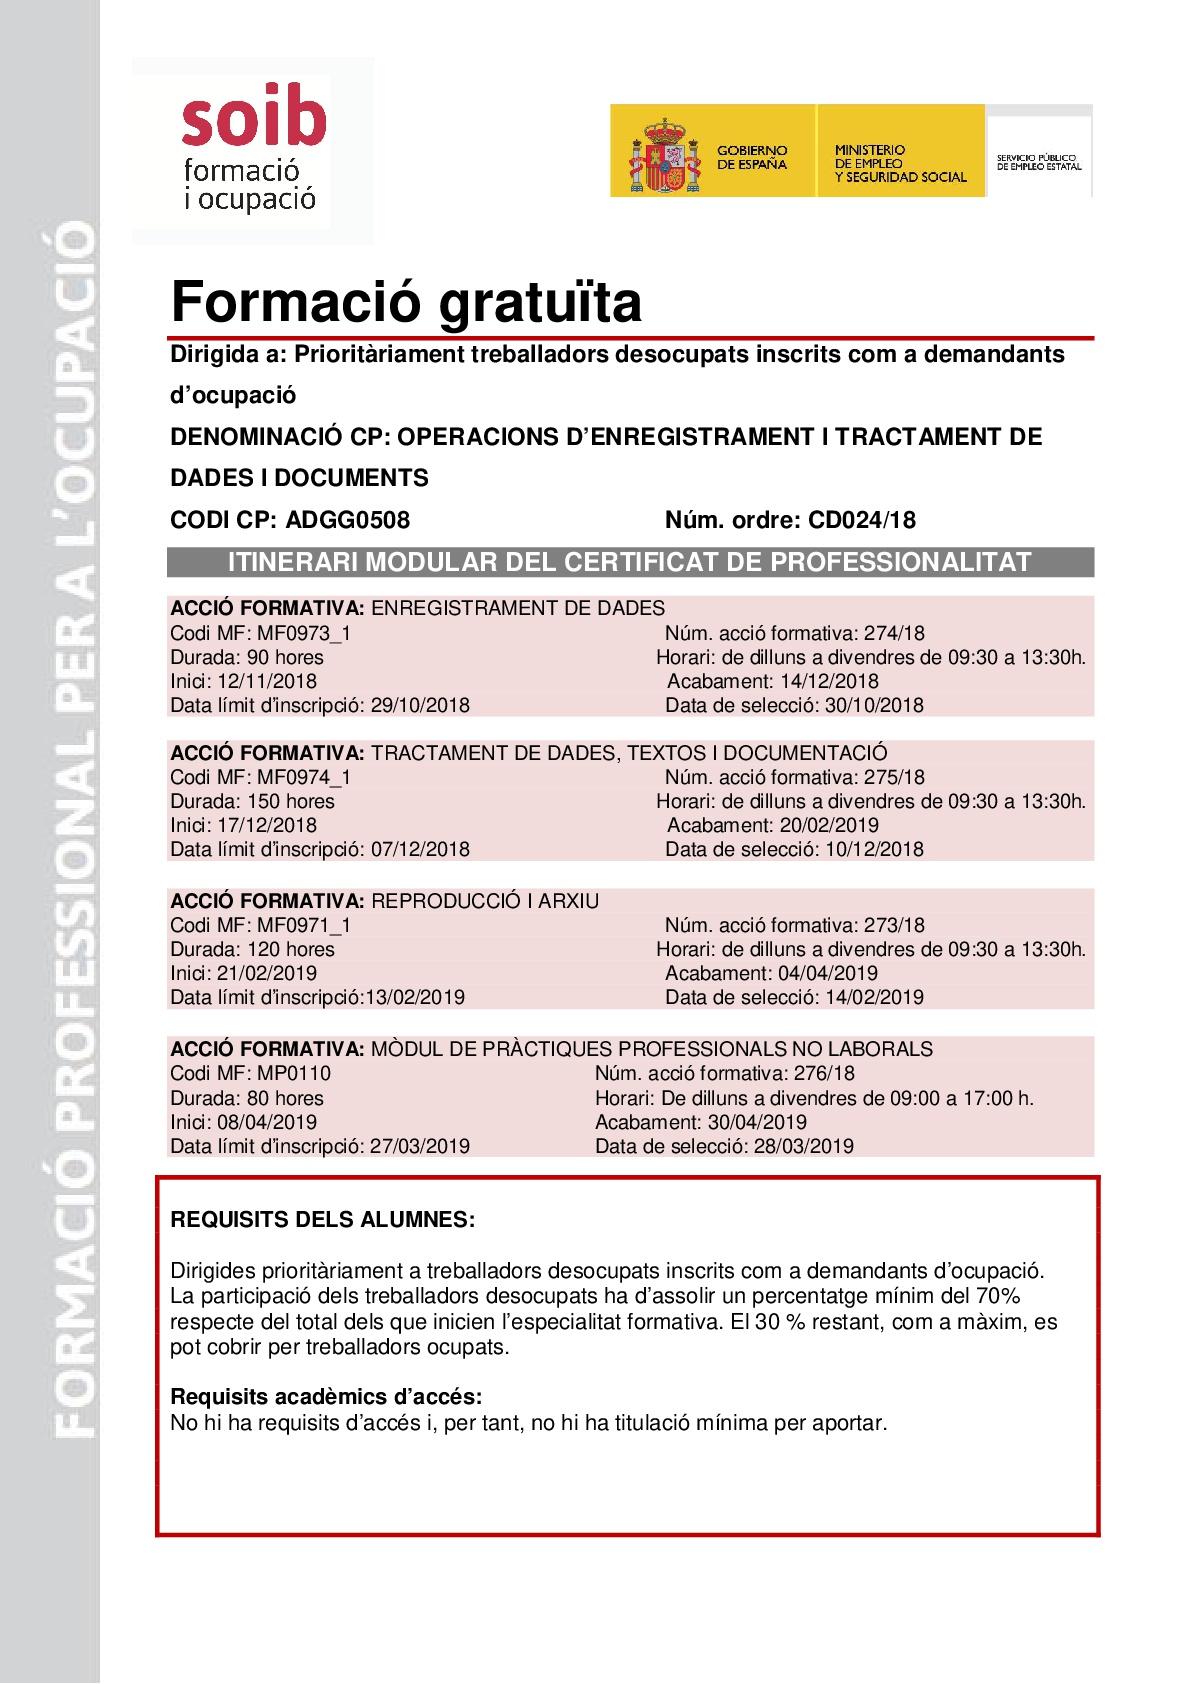 OPERACIONS D' ENREGISTRAMENT I TRACTAMENT DE DADES I DOCUMENTS- ADGG0508